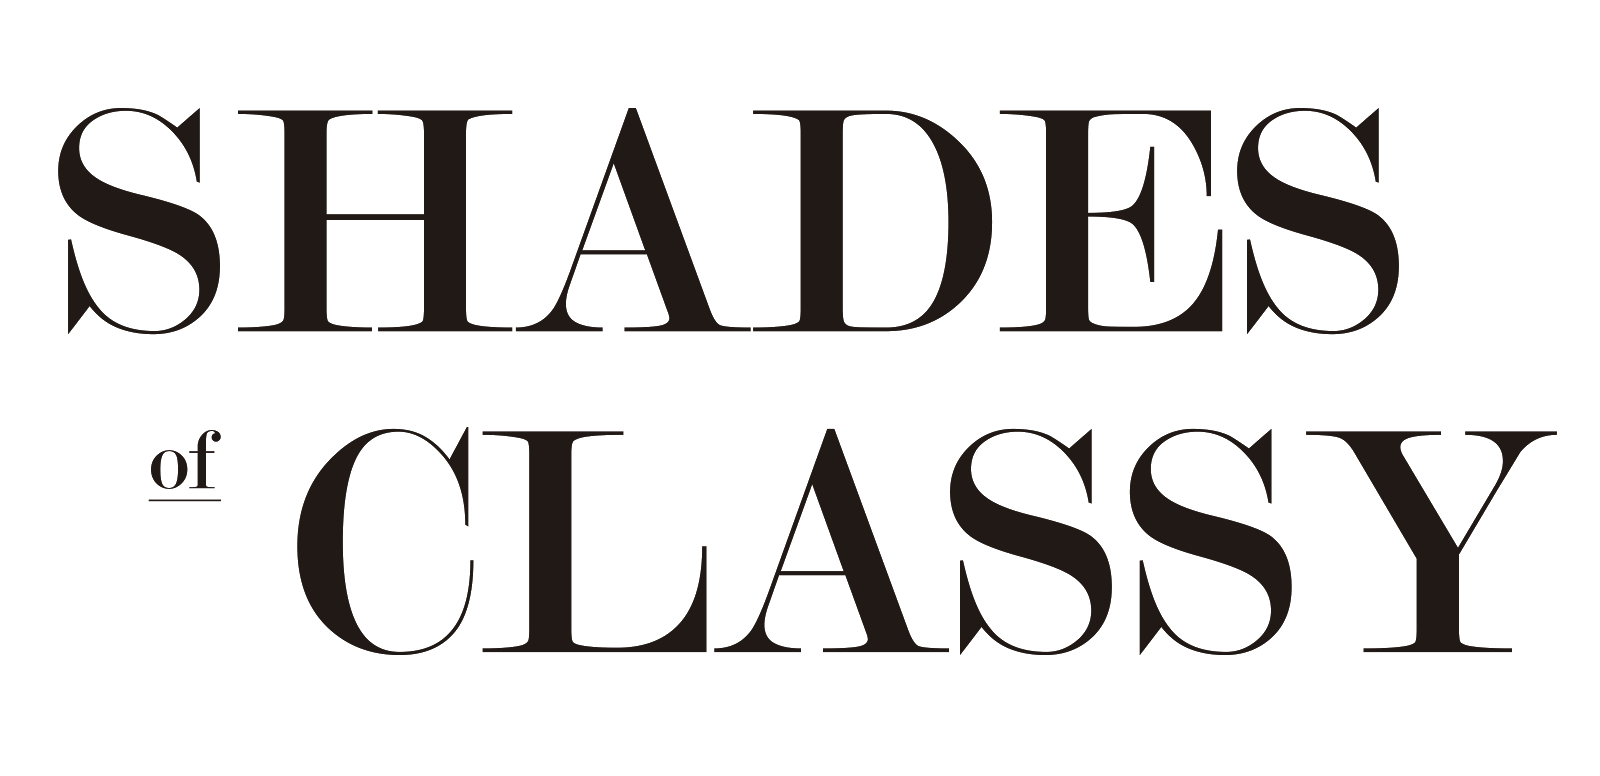 Shades Of Classy